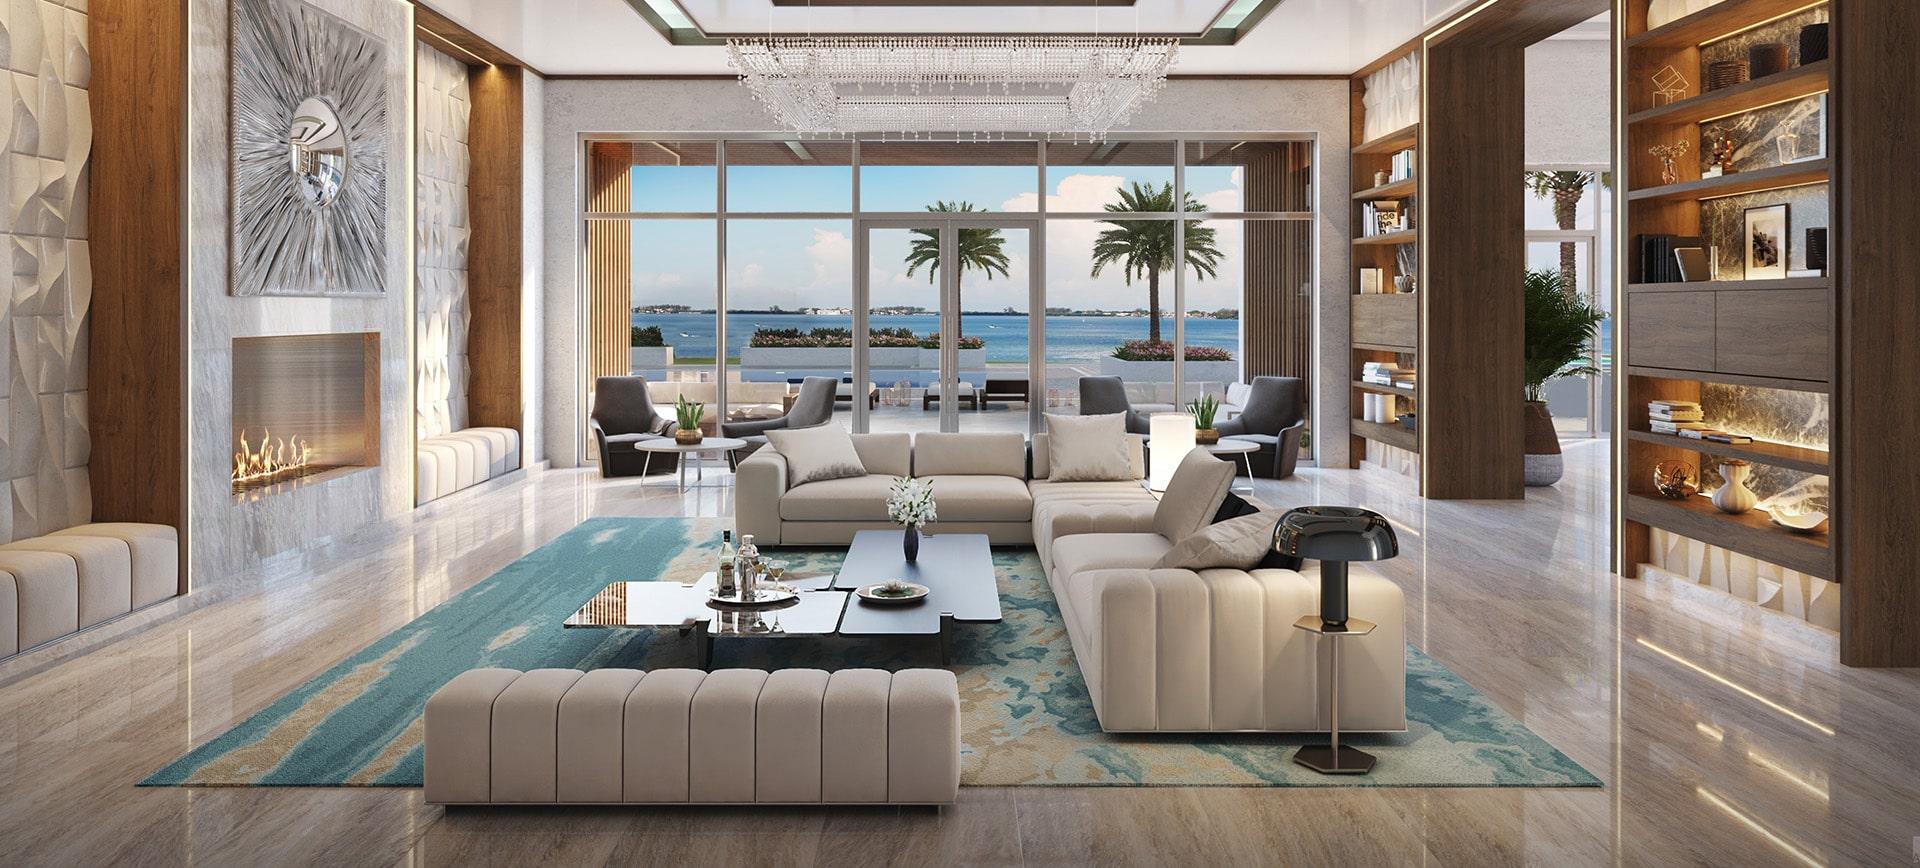 The Ritz-Carlton Residences, Sarasota Interior Rendering by Kolter Urban